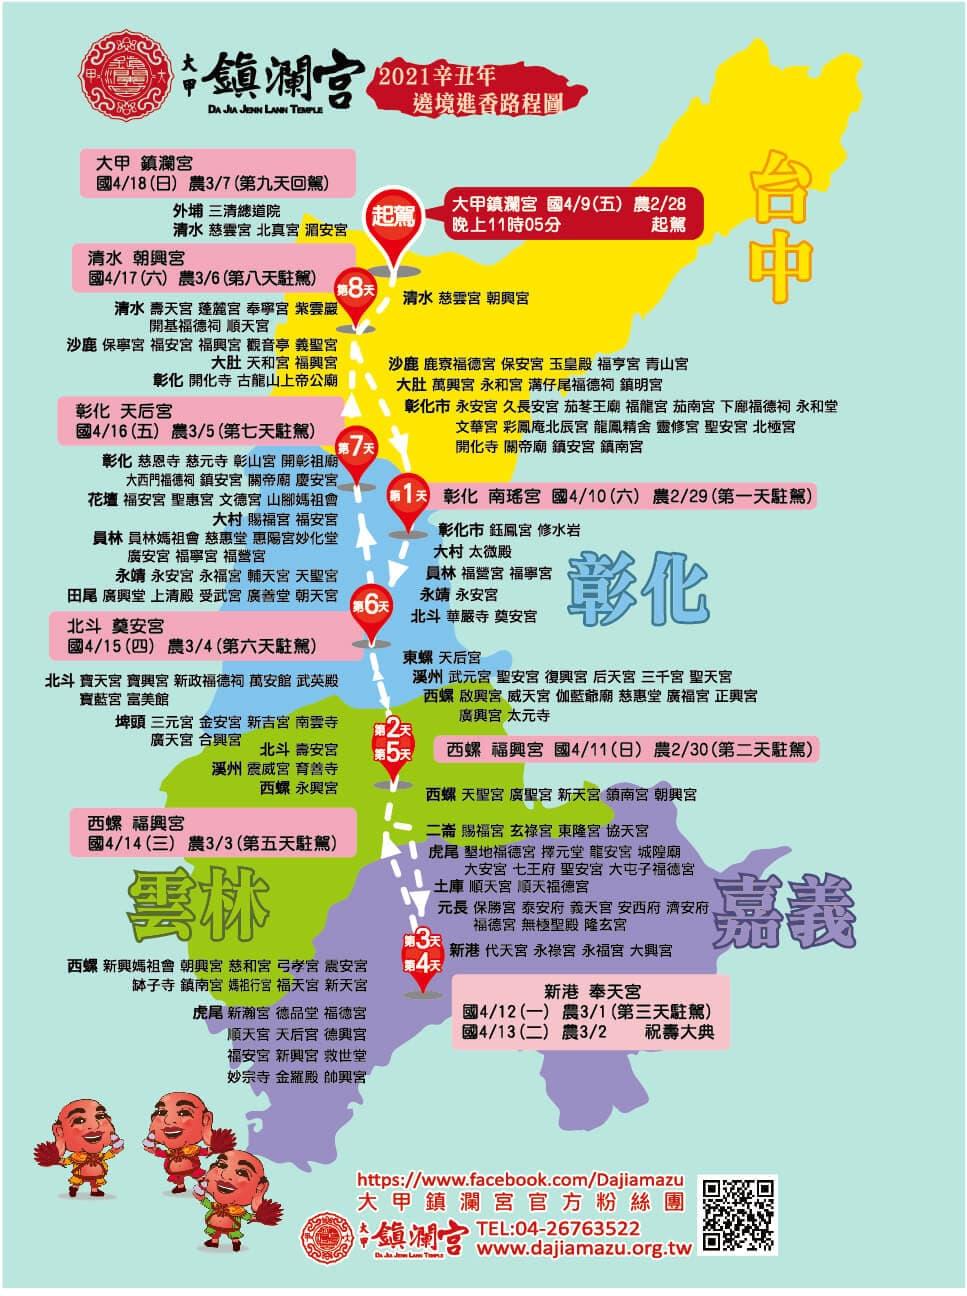 2021 大甲媽遶境路線圖